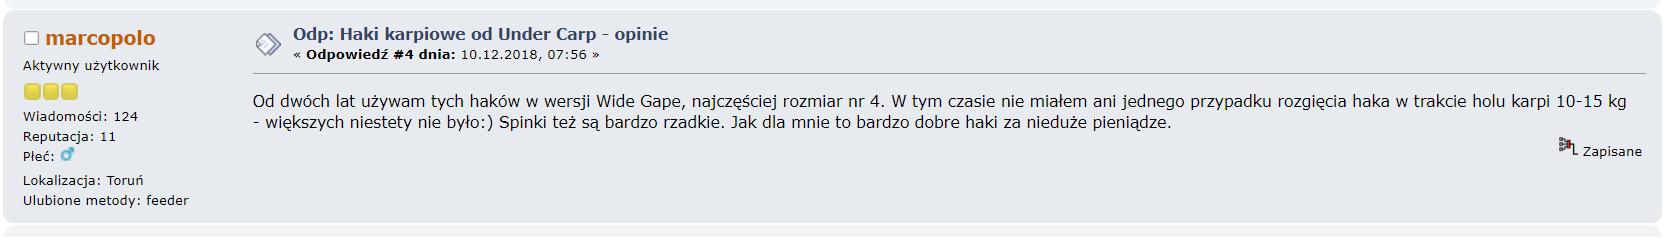 haki karpiowe undercarp opinia z forum wędkarskiego